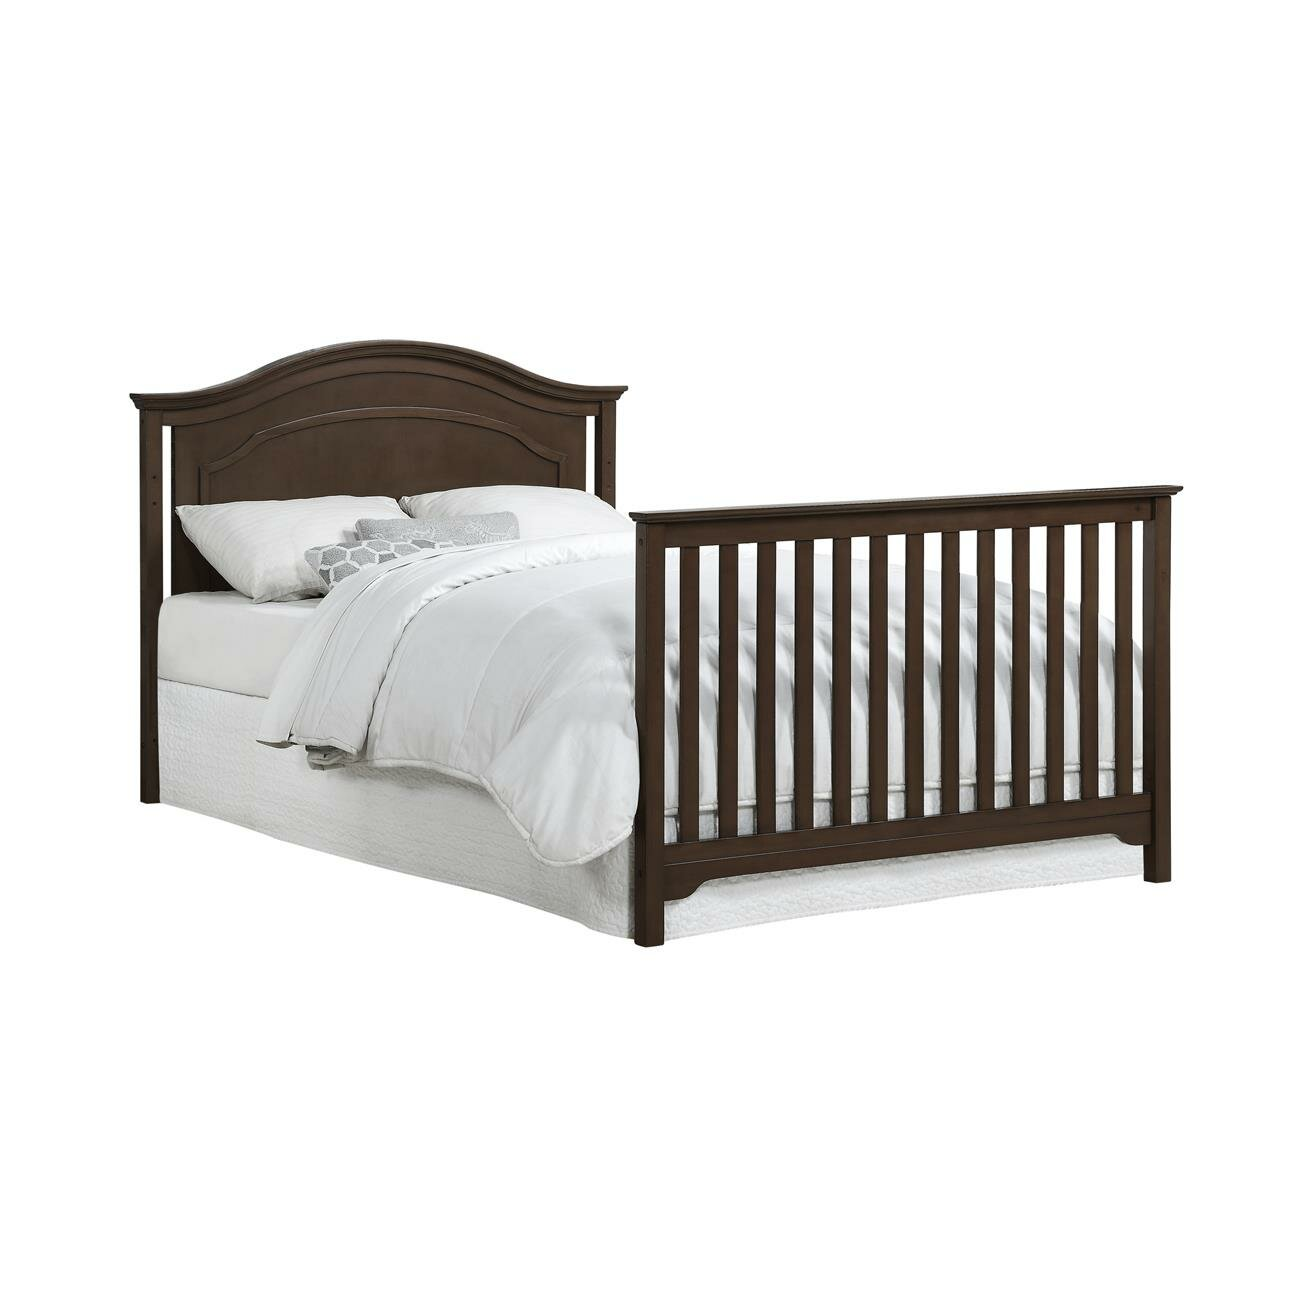 Baby Relax Eddie Bauer Hayworth 4 In 1 Convertible Crib